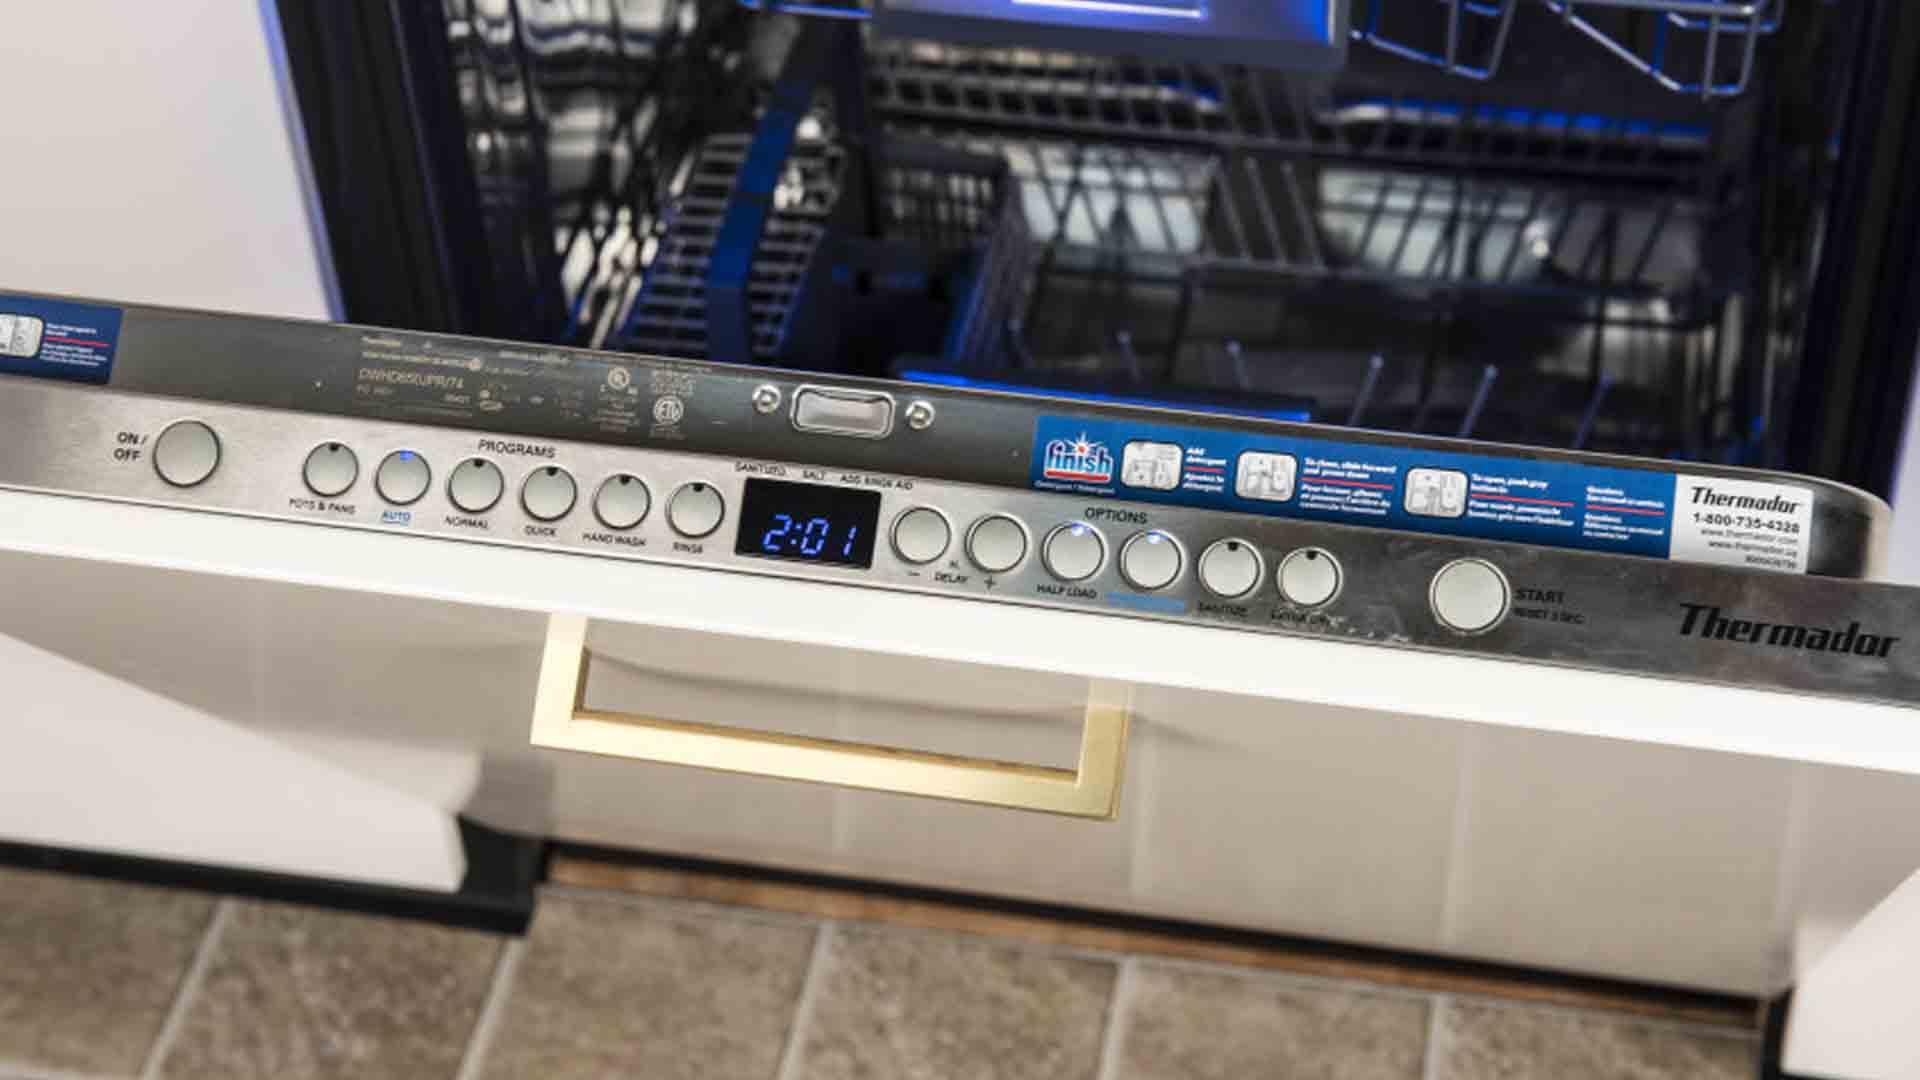 Thermador Dishwasher Repair Near Me   Thermador Appliance Repair Pros